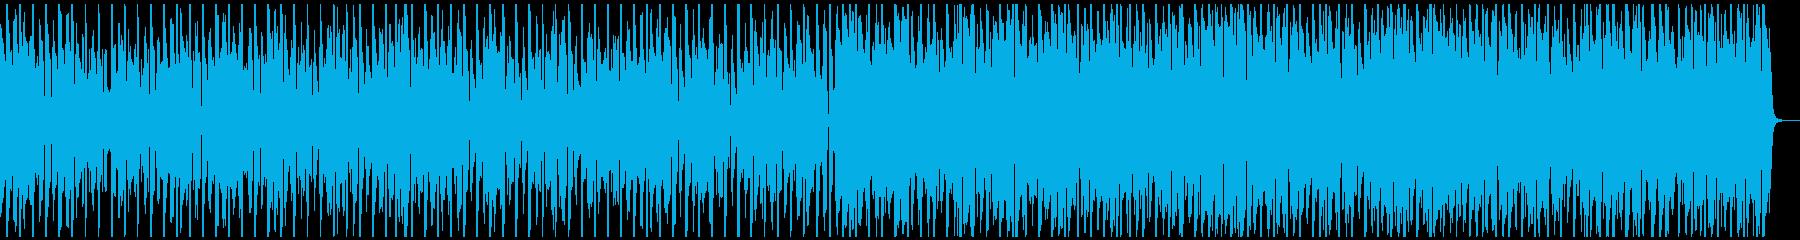 ジングルベル ウクレレで南国風 メロ抜きの再生済みの波形